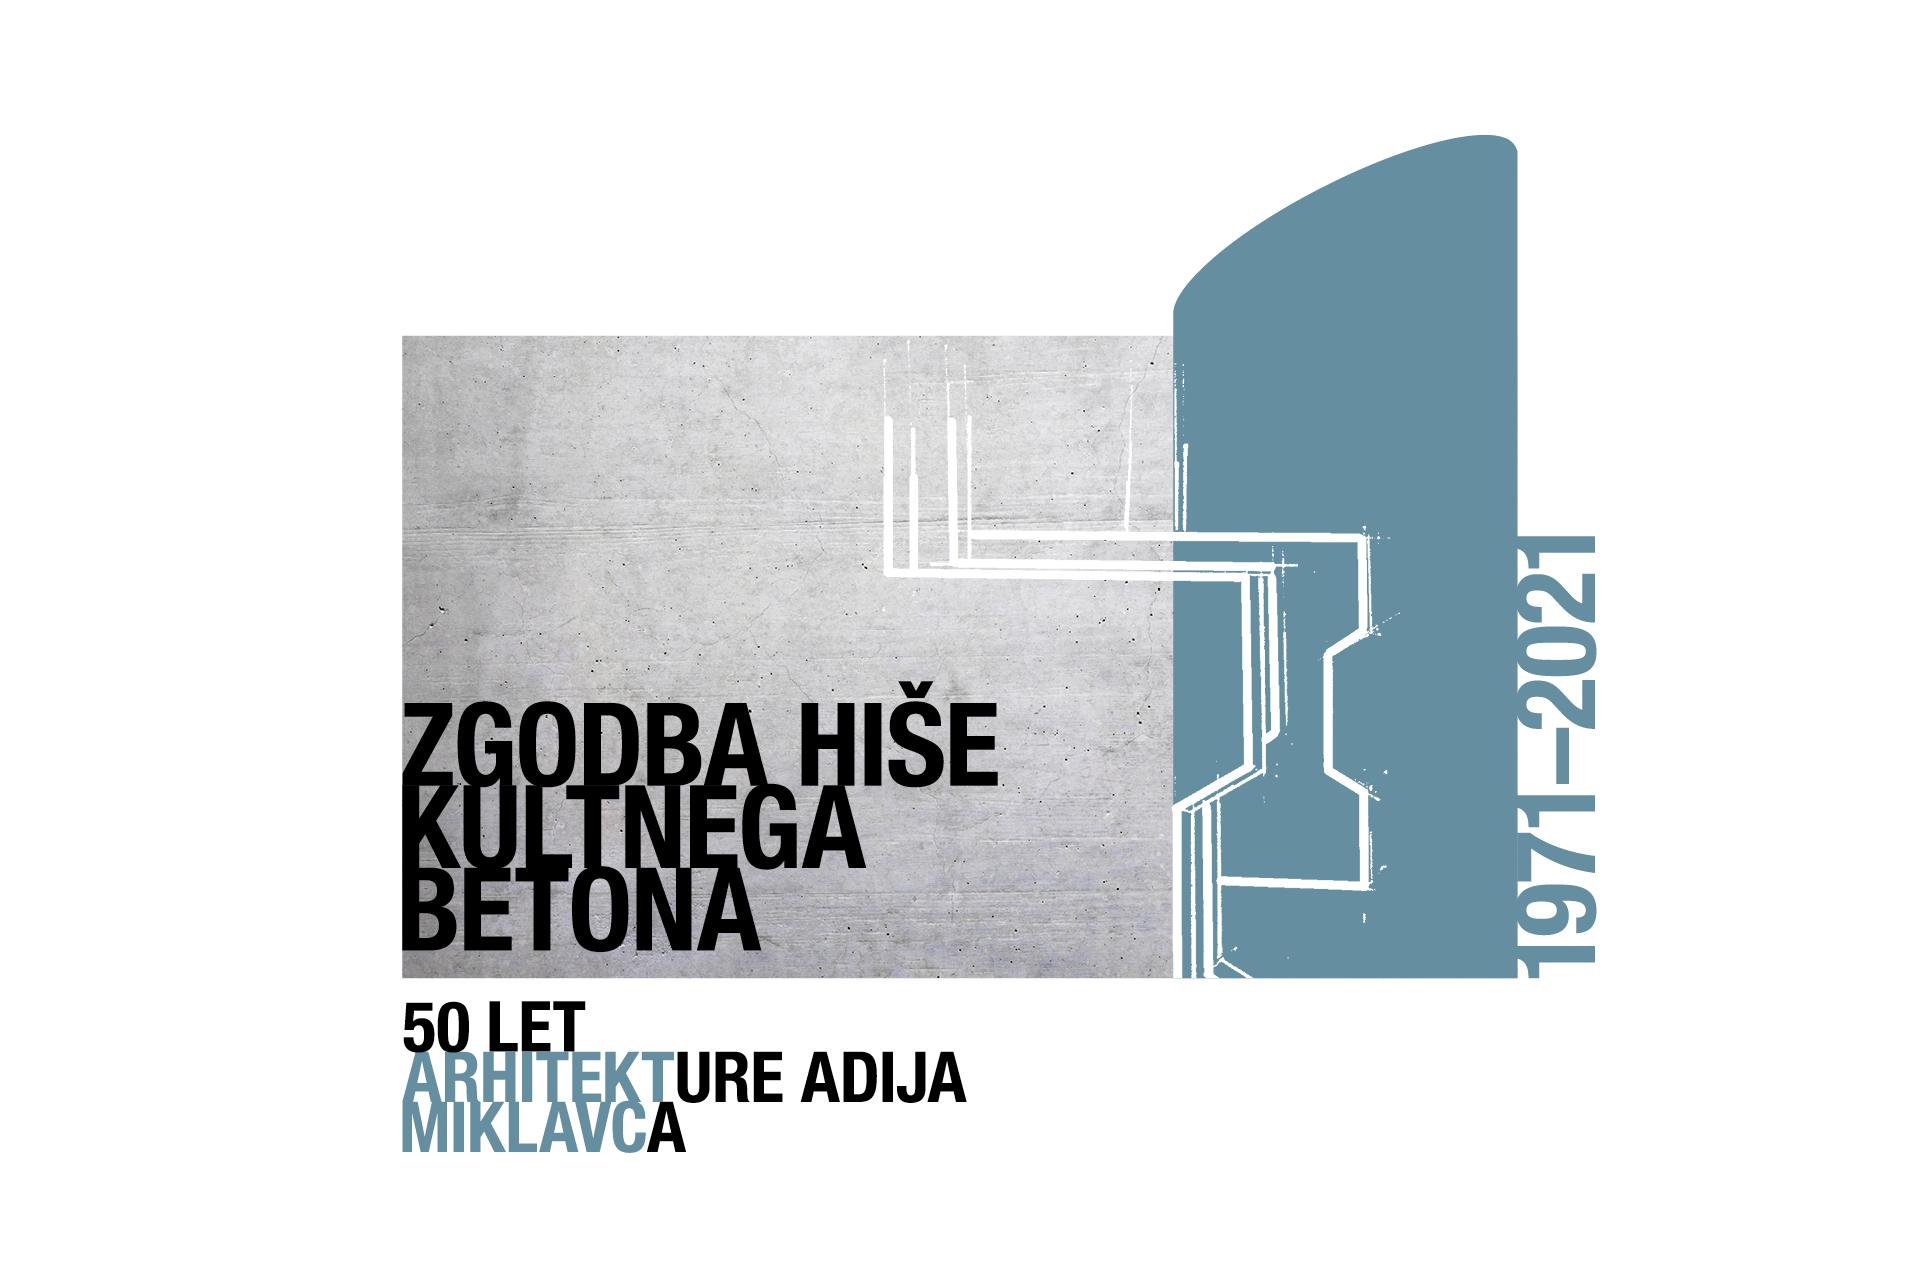 znak_galerija velenje 50 let_vizualna podoba_marko-marinsek_studio-ma-ma_